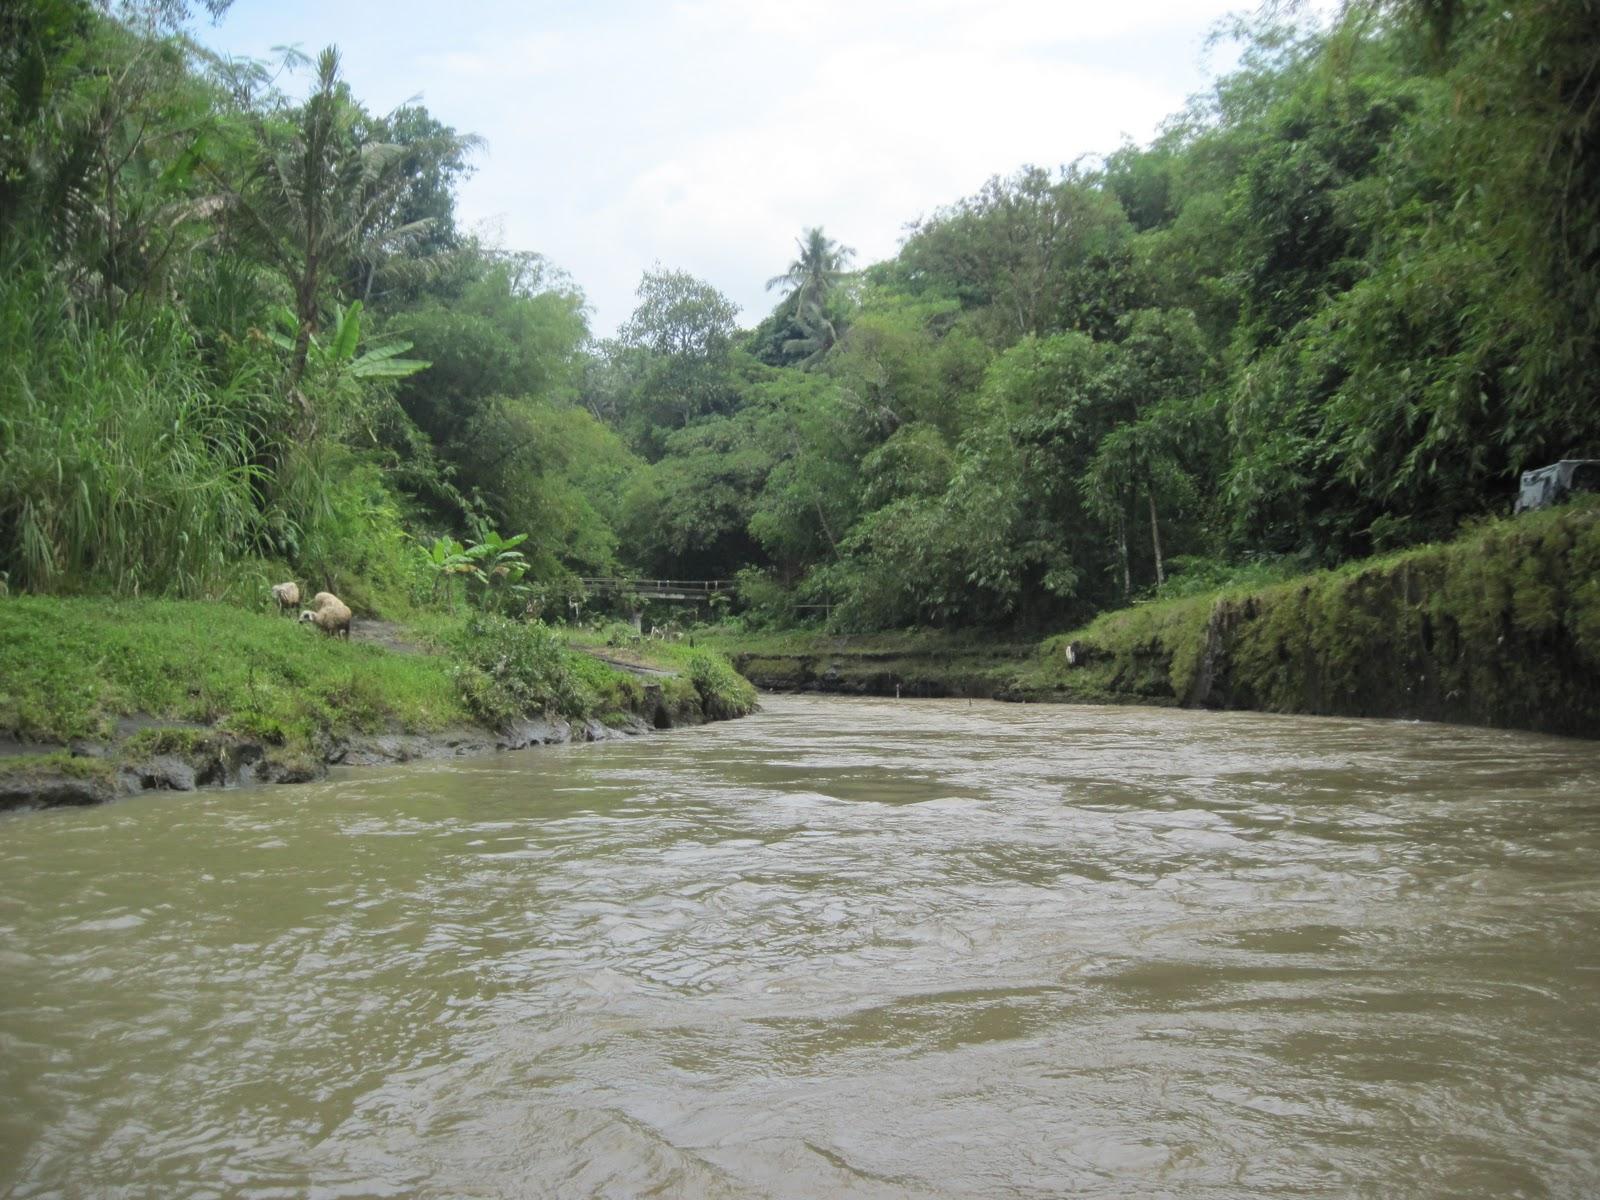 Suasana di pinggir sungai elo - mantap! indah!